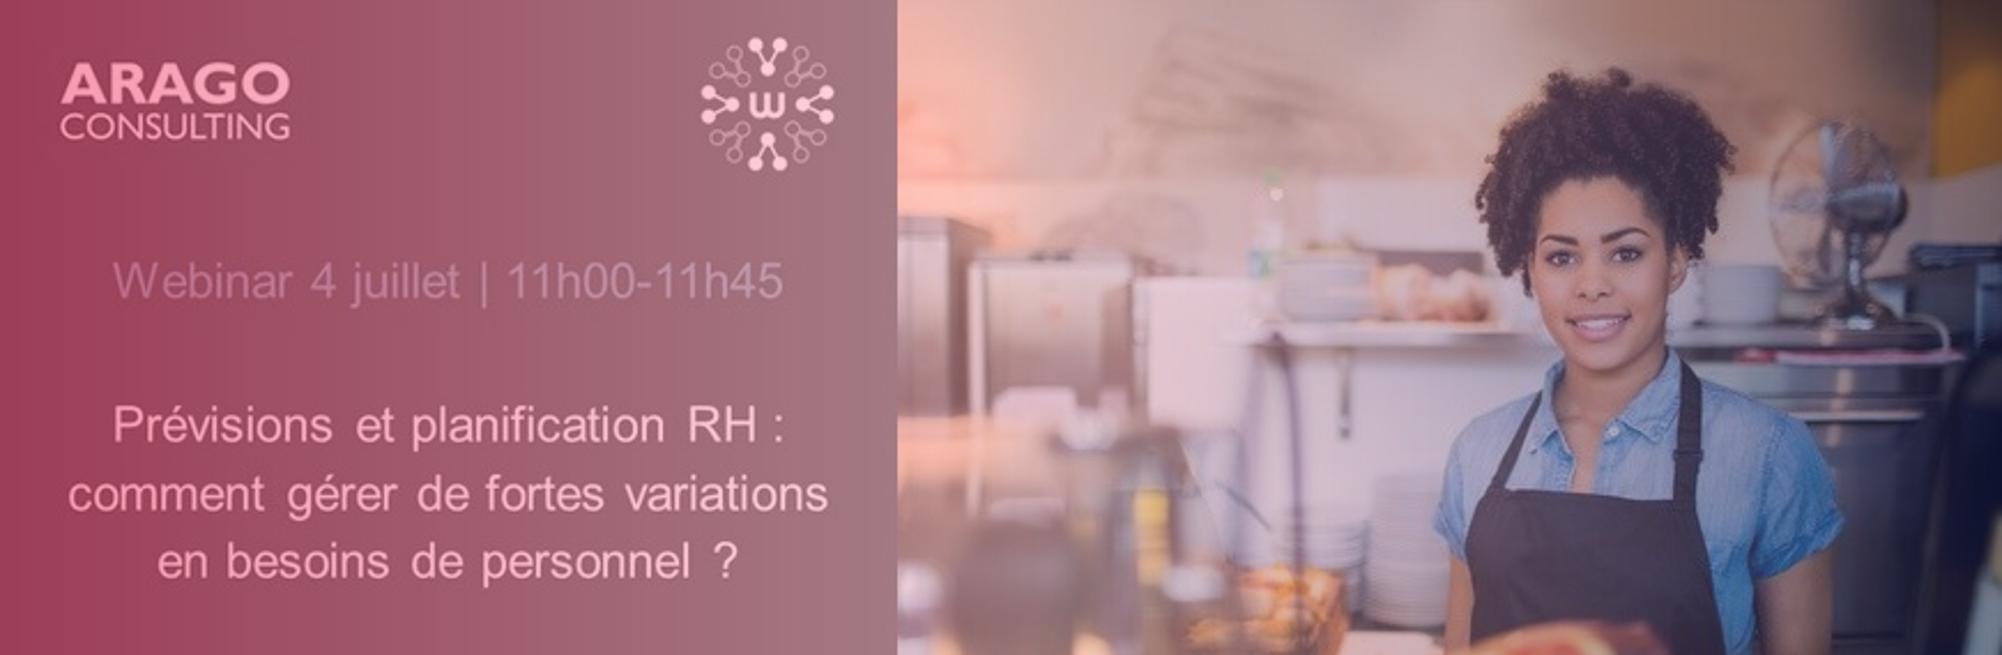 Webinar ARAGO Consulting : Prévisions RH : Comment gérer de fortes variations en besoins de personnel ?